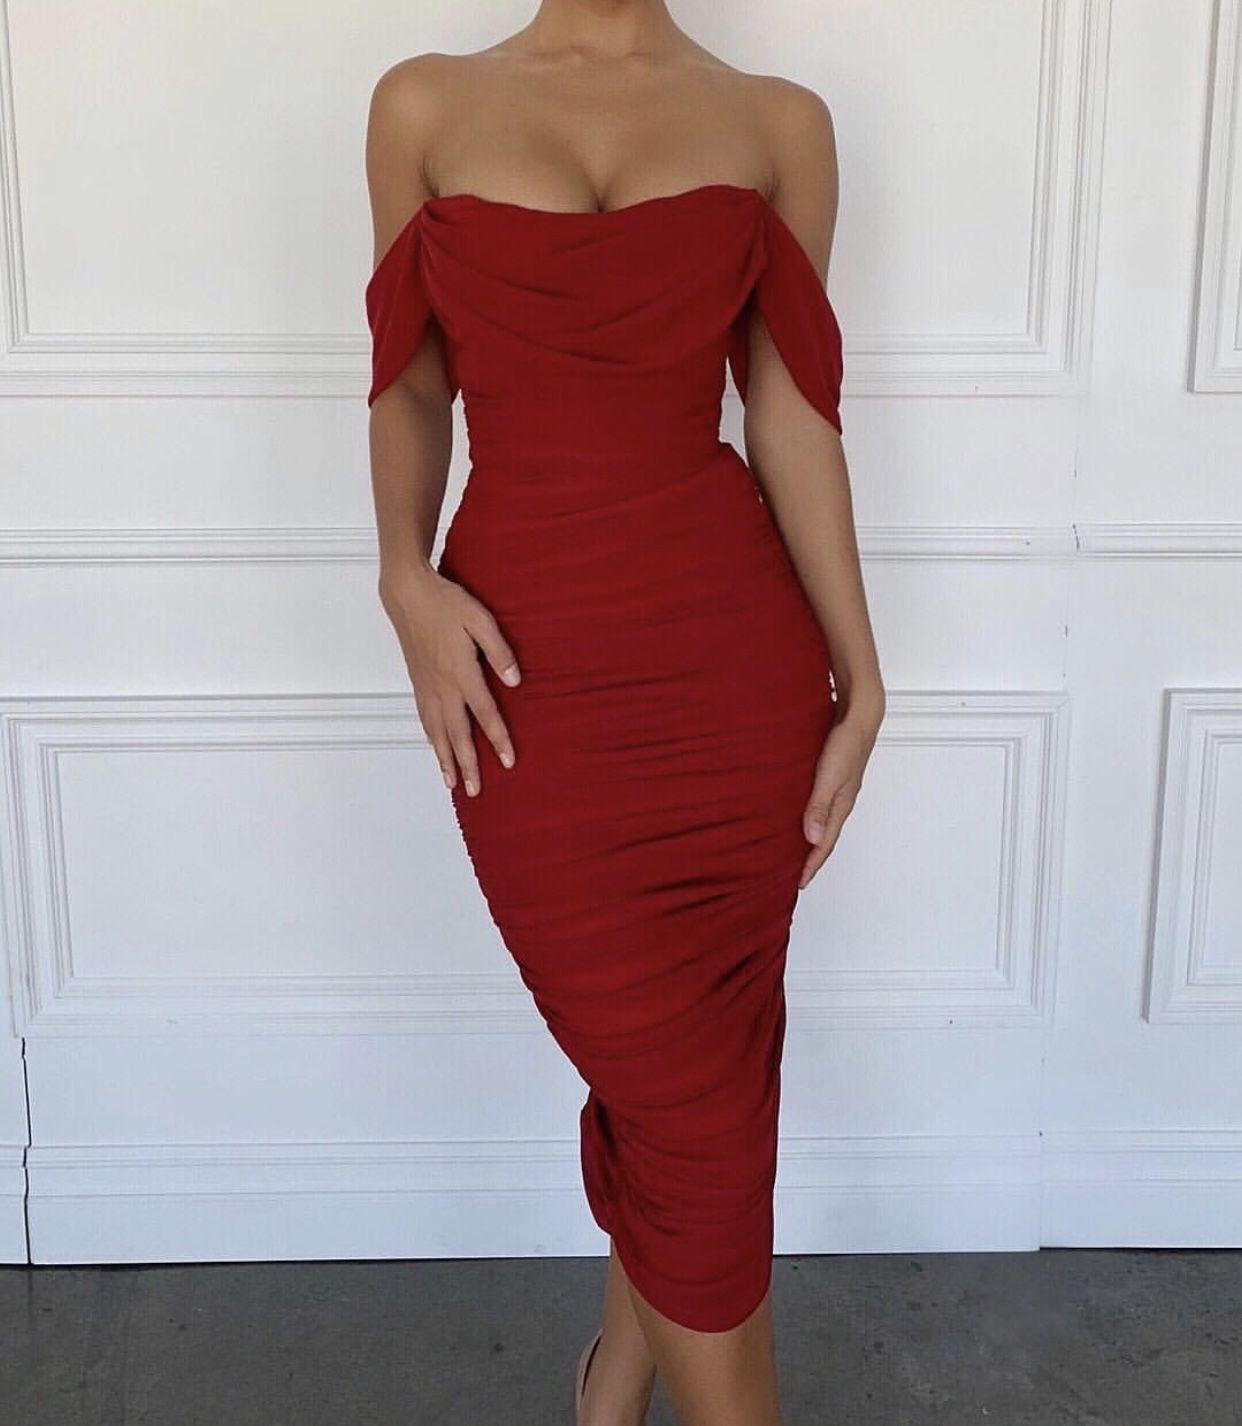 Carlotta Elegant Dresses For Women Red Homecoming Dresses Summer Dresses For Women